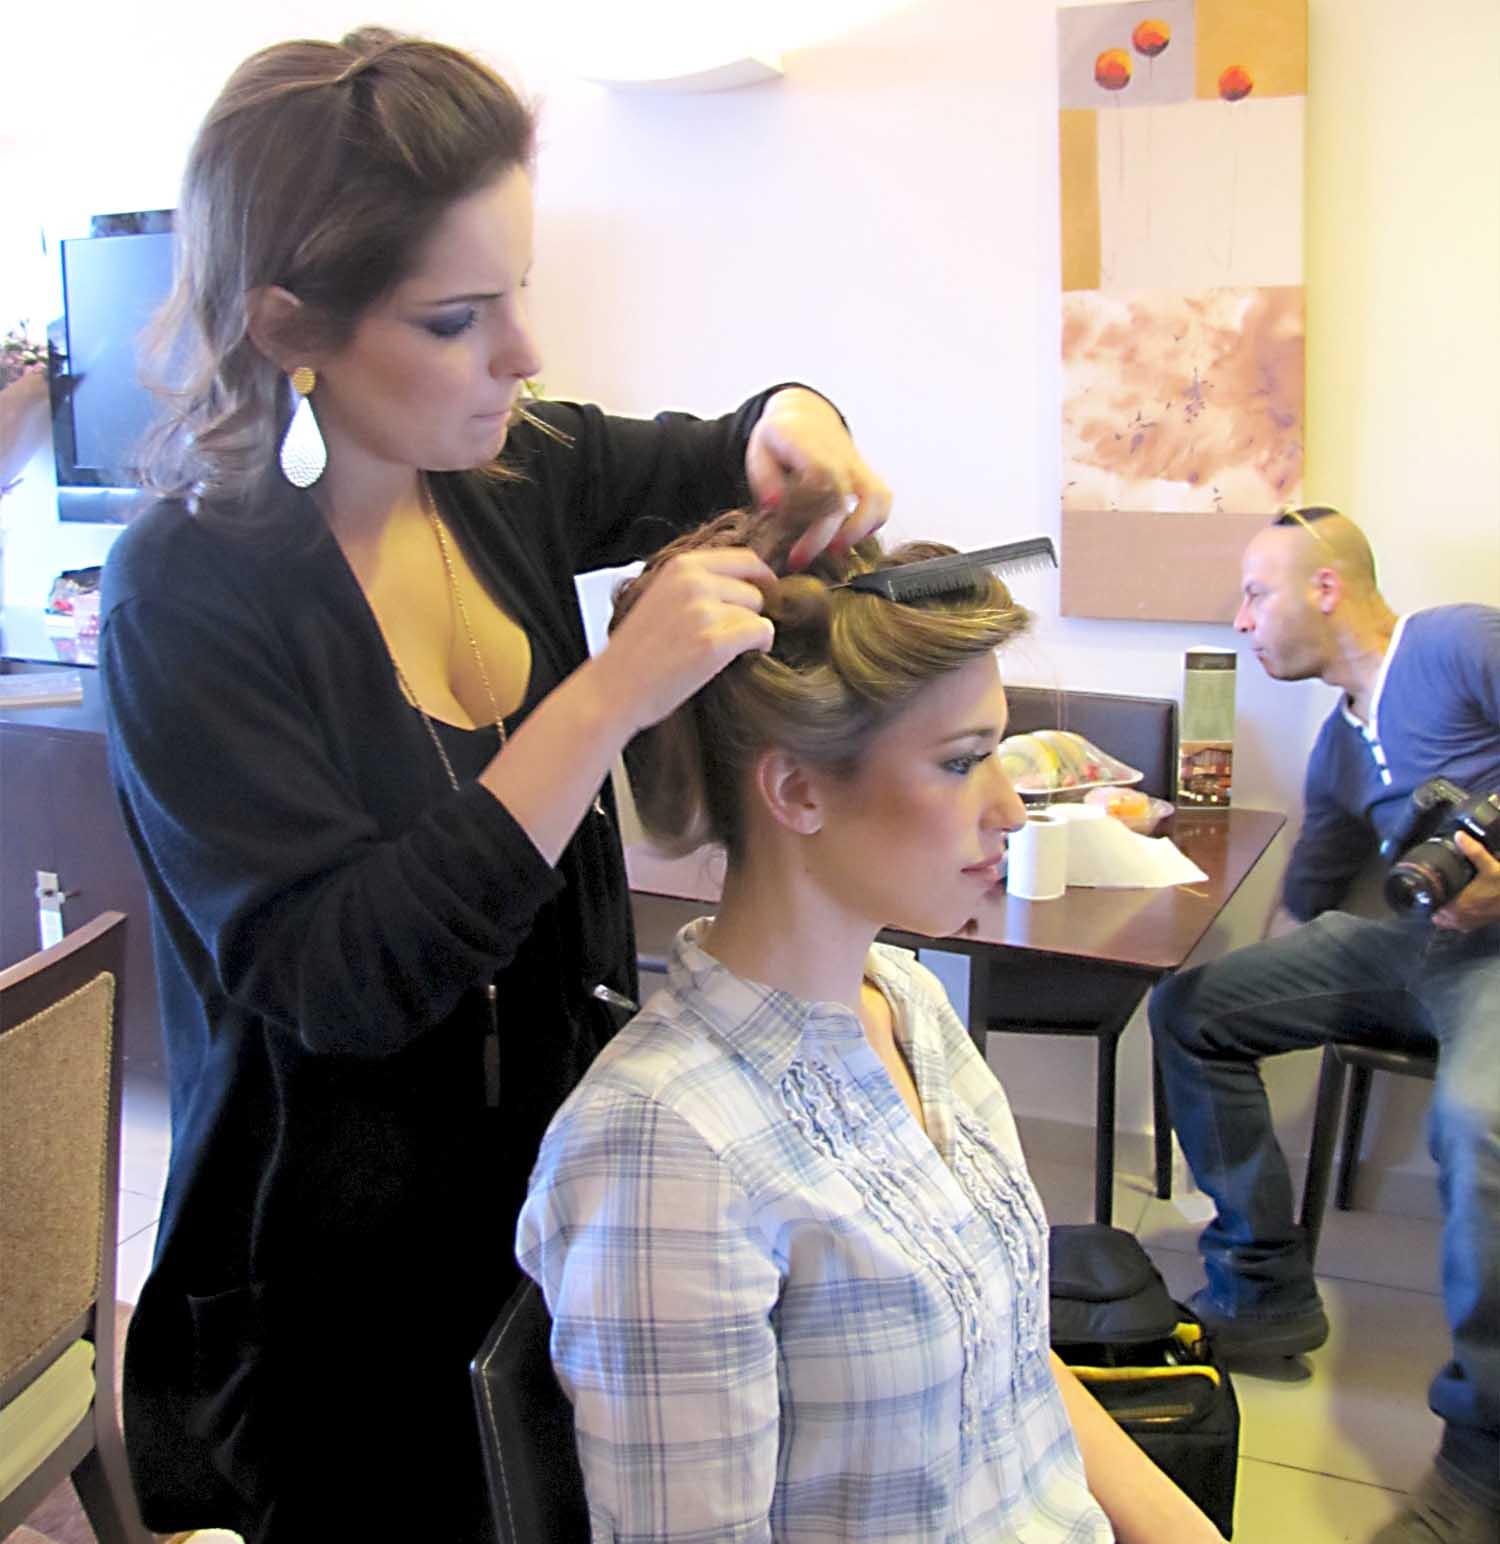 איפור כלות ועיצוב שיער למיטל- עדות מס' 3#